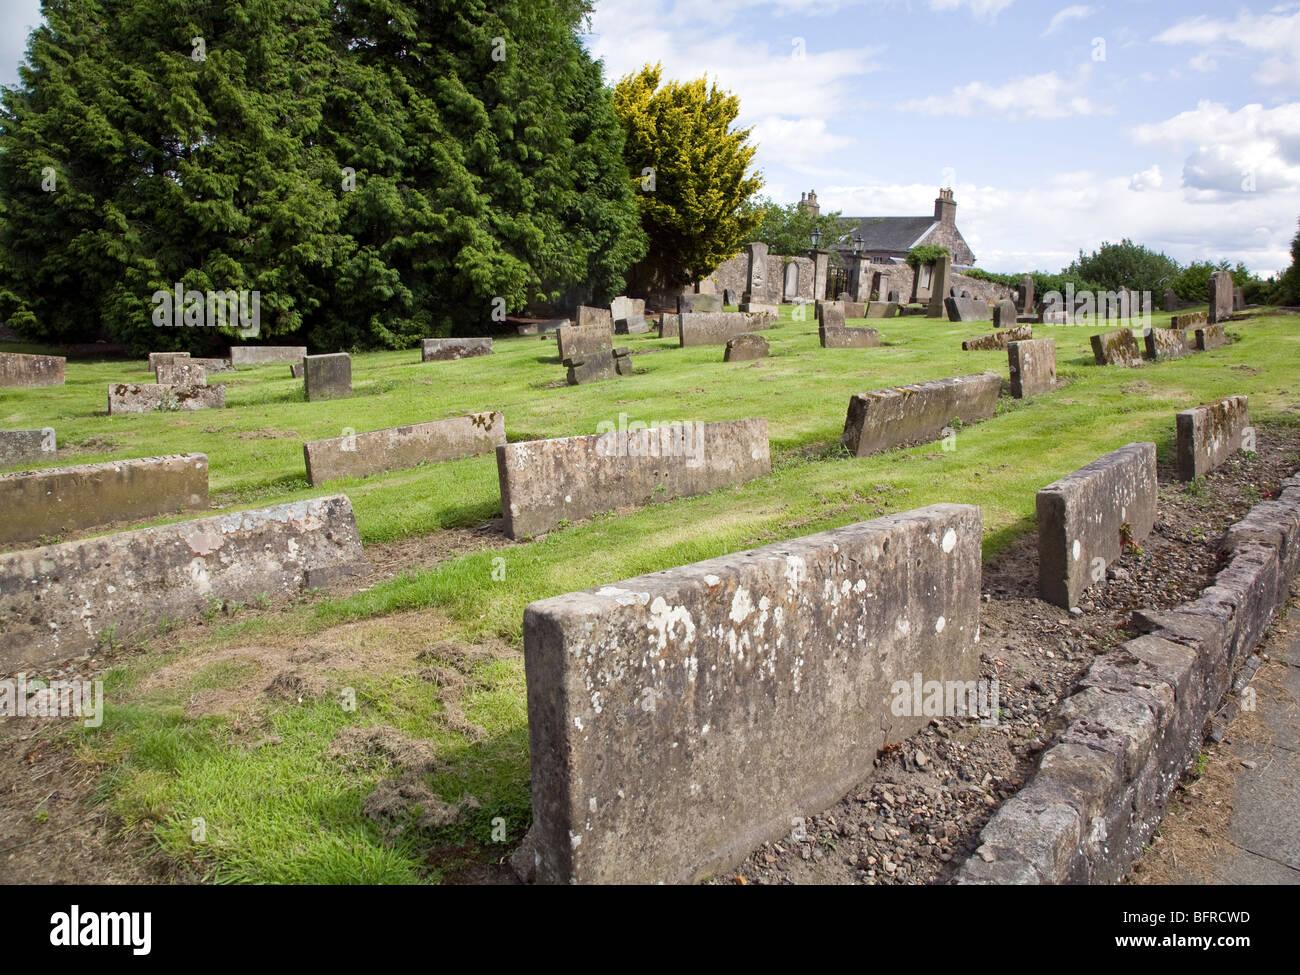 Sunken gravestones in Clackmannan Parish Church, Scotland - Stock Image